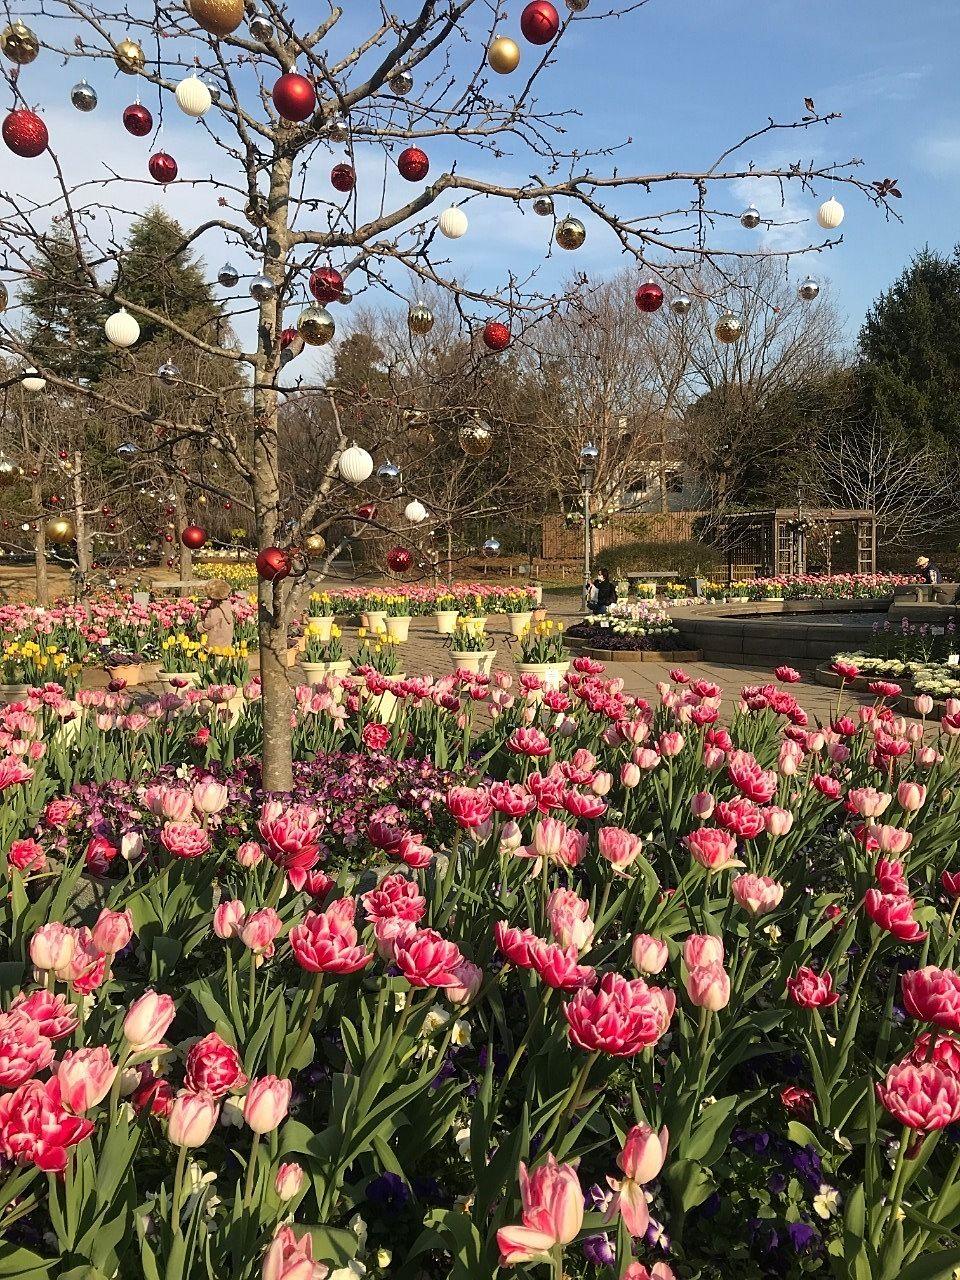 メルヘンの丘には色とりどりのお花が咲いています。